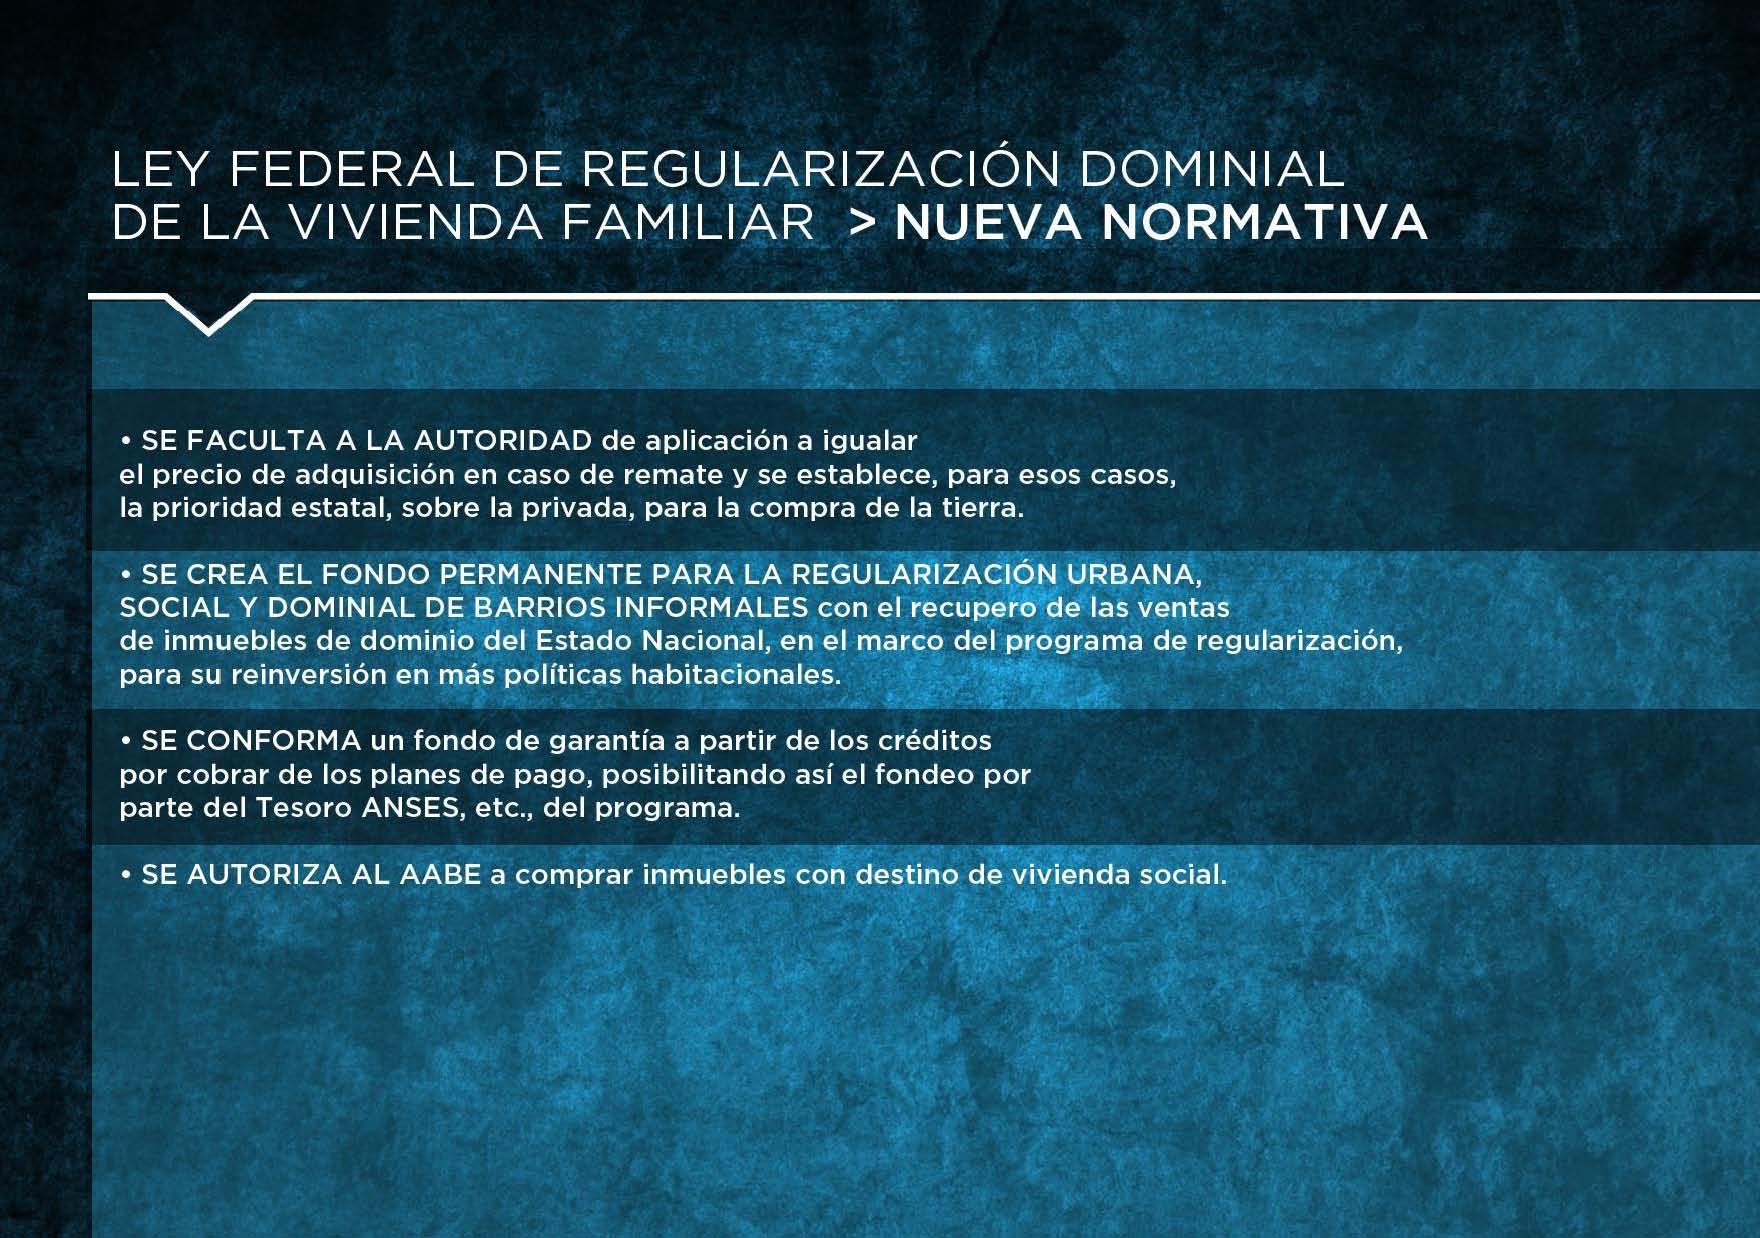 Presentamos el Plan Federal de Regularización Dominial de la Vivienda Familiar.